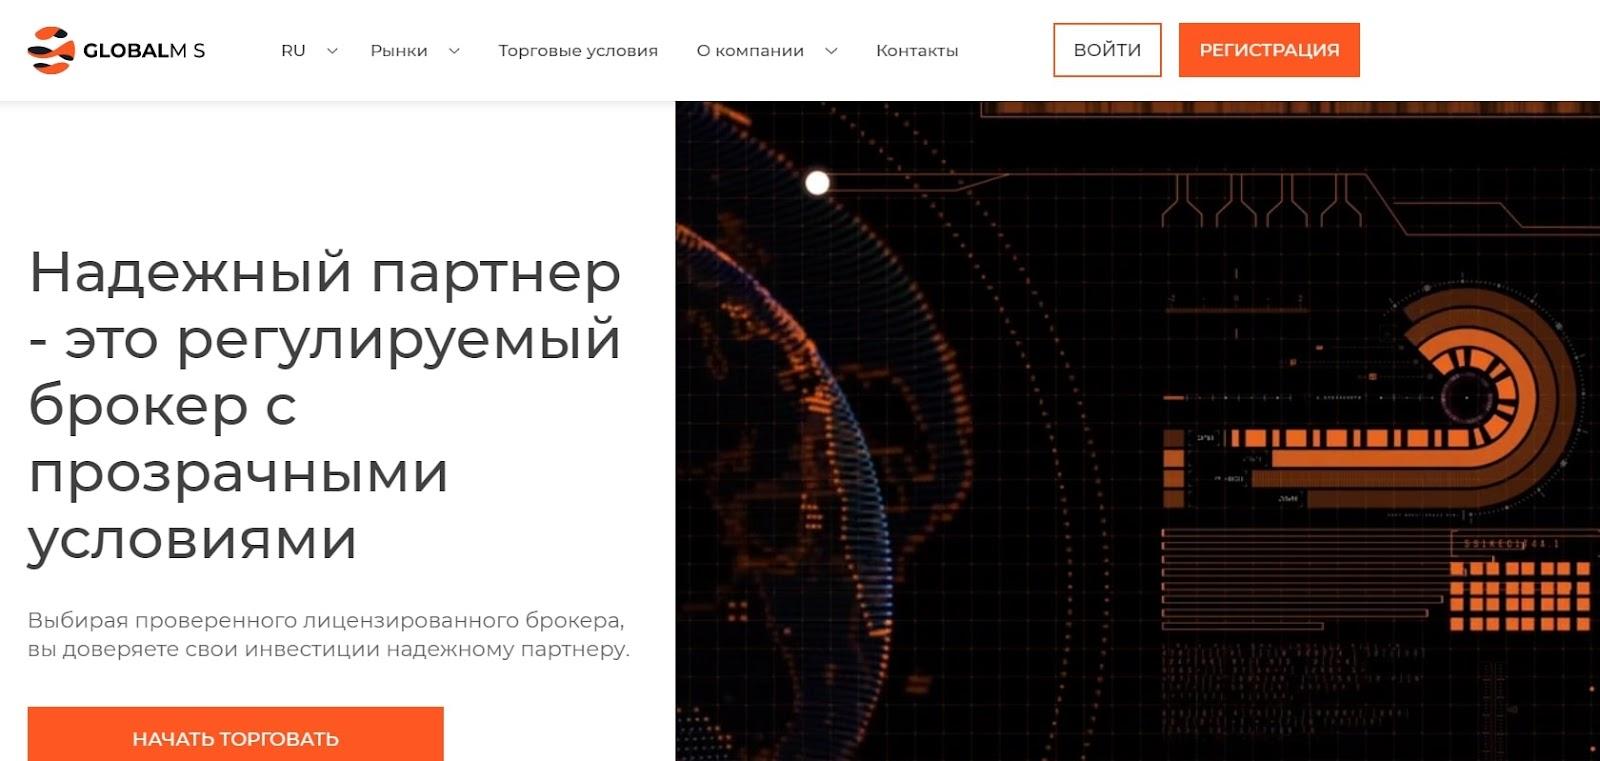 GlobalM-S: отзывы трейдеров и анализ деятельности